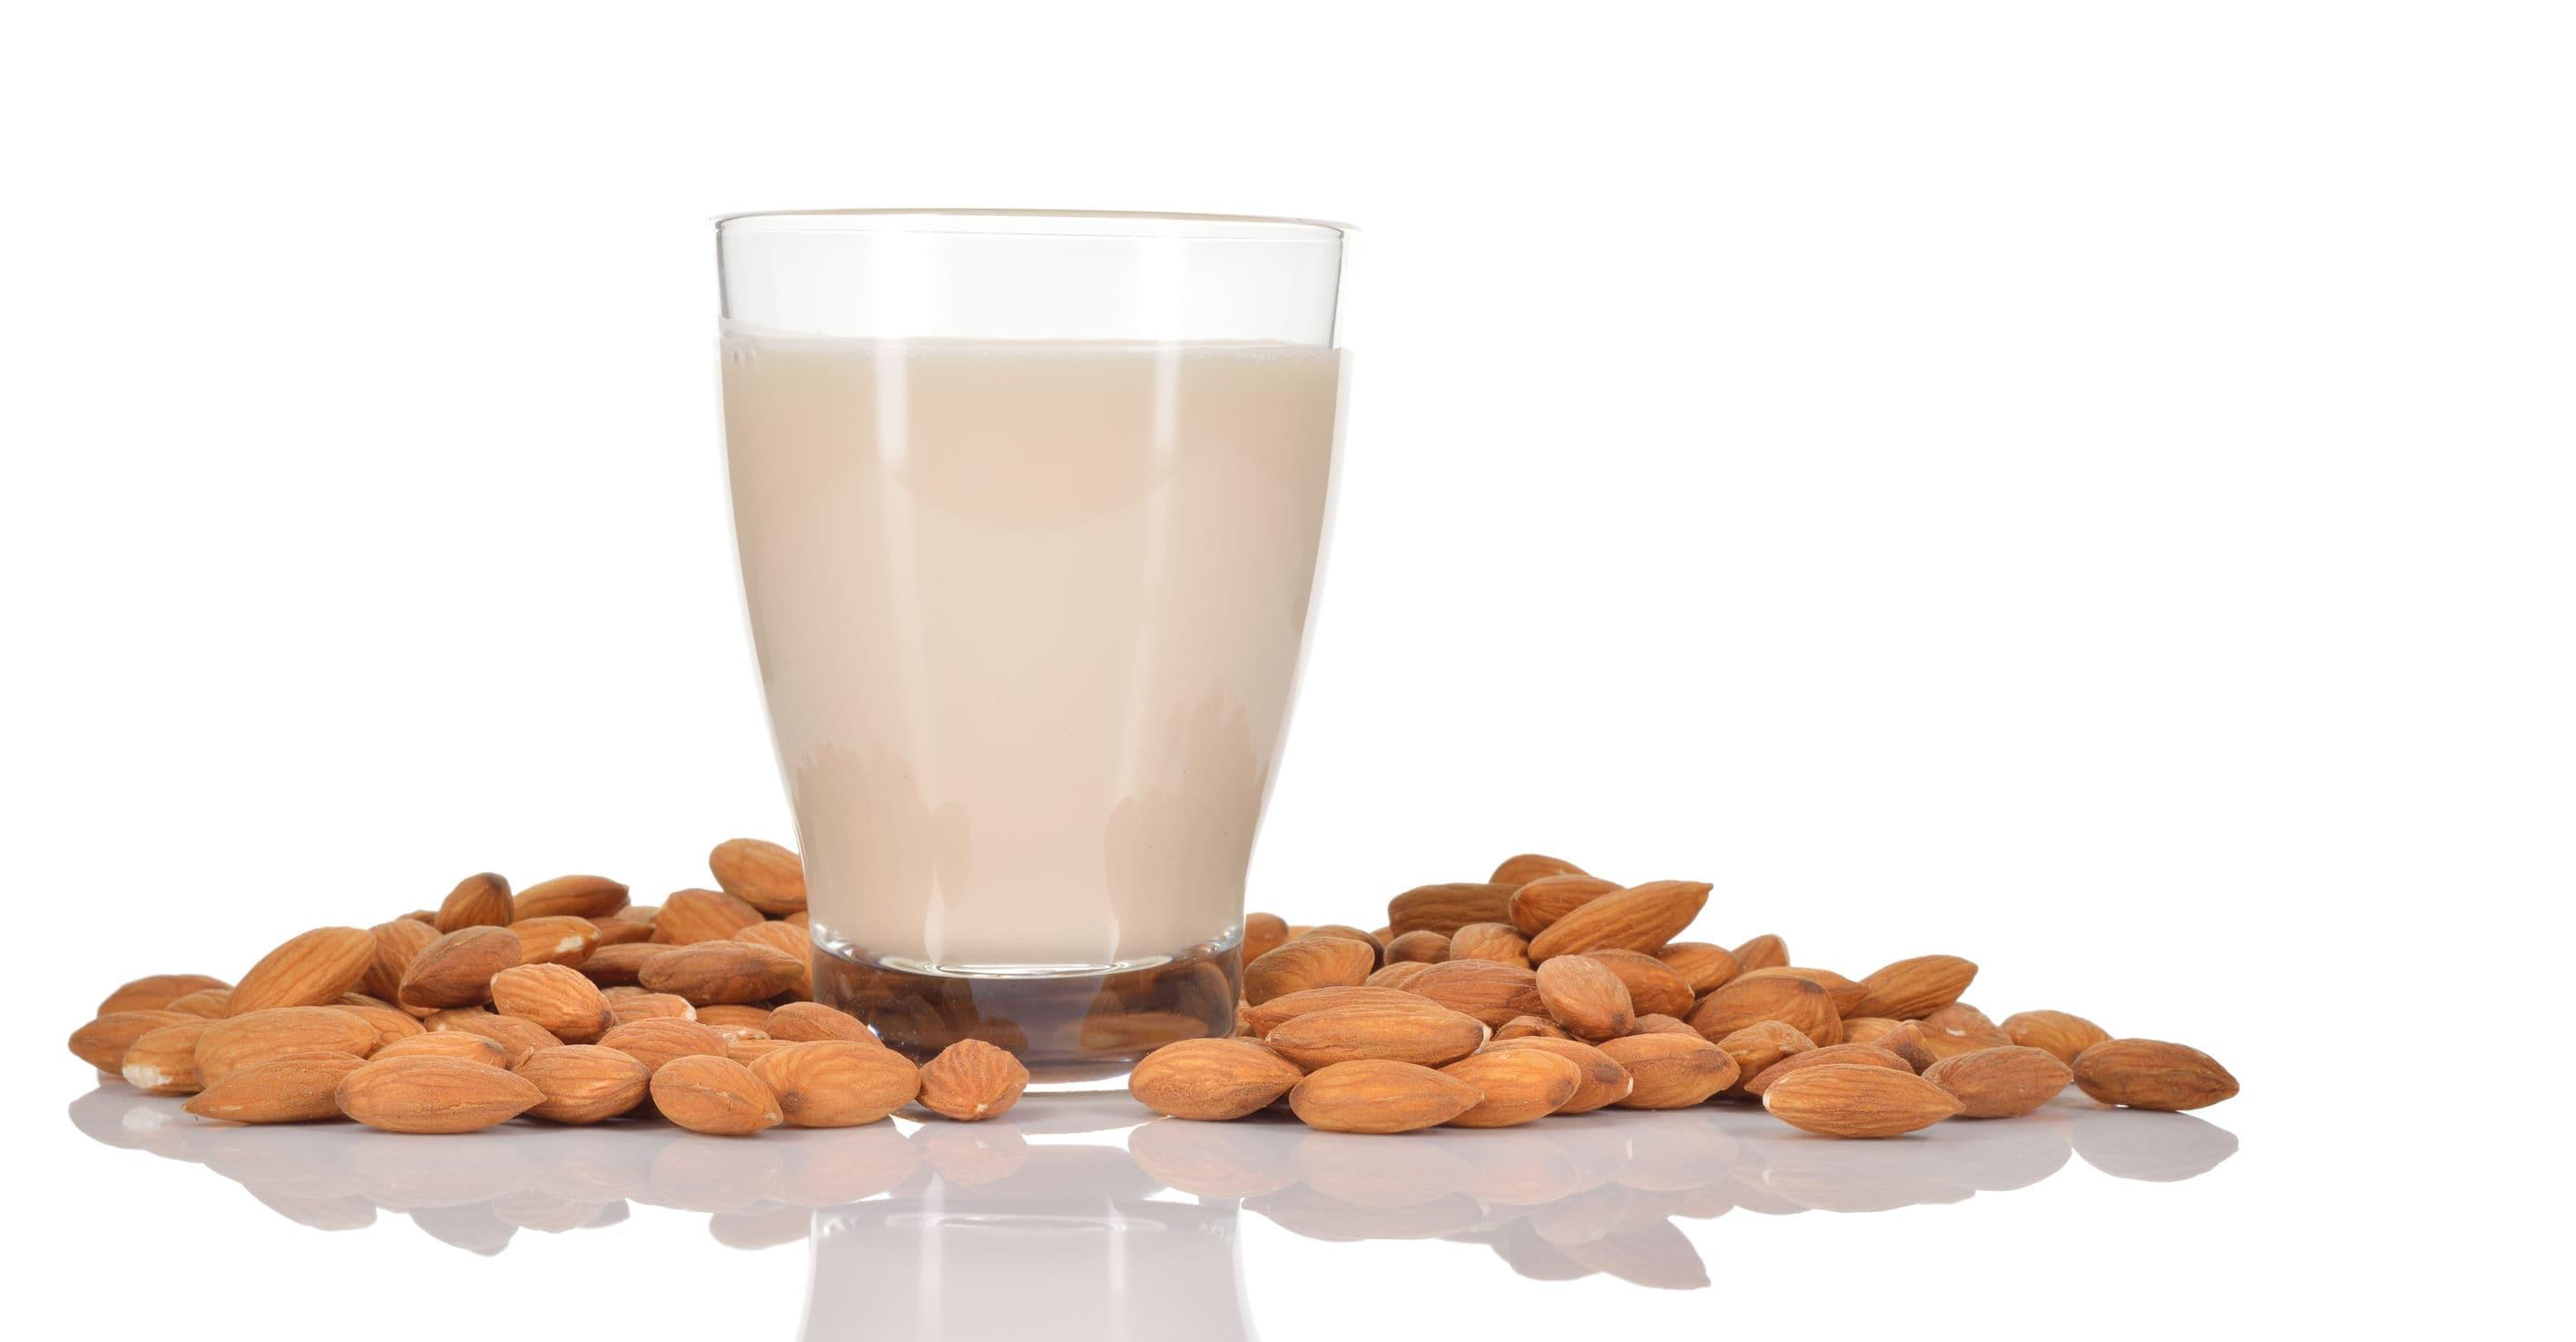 アーモンドミルク栄養